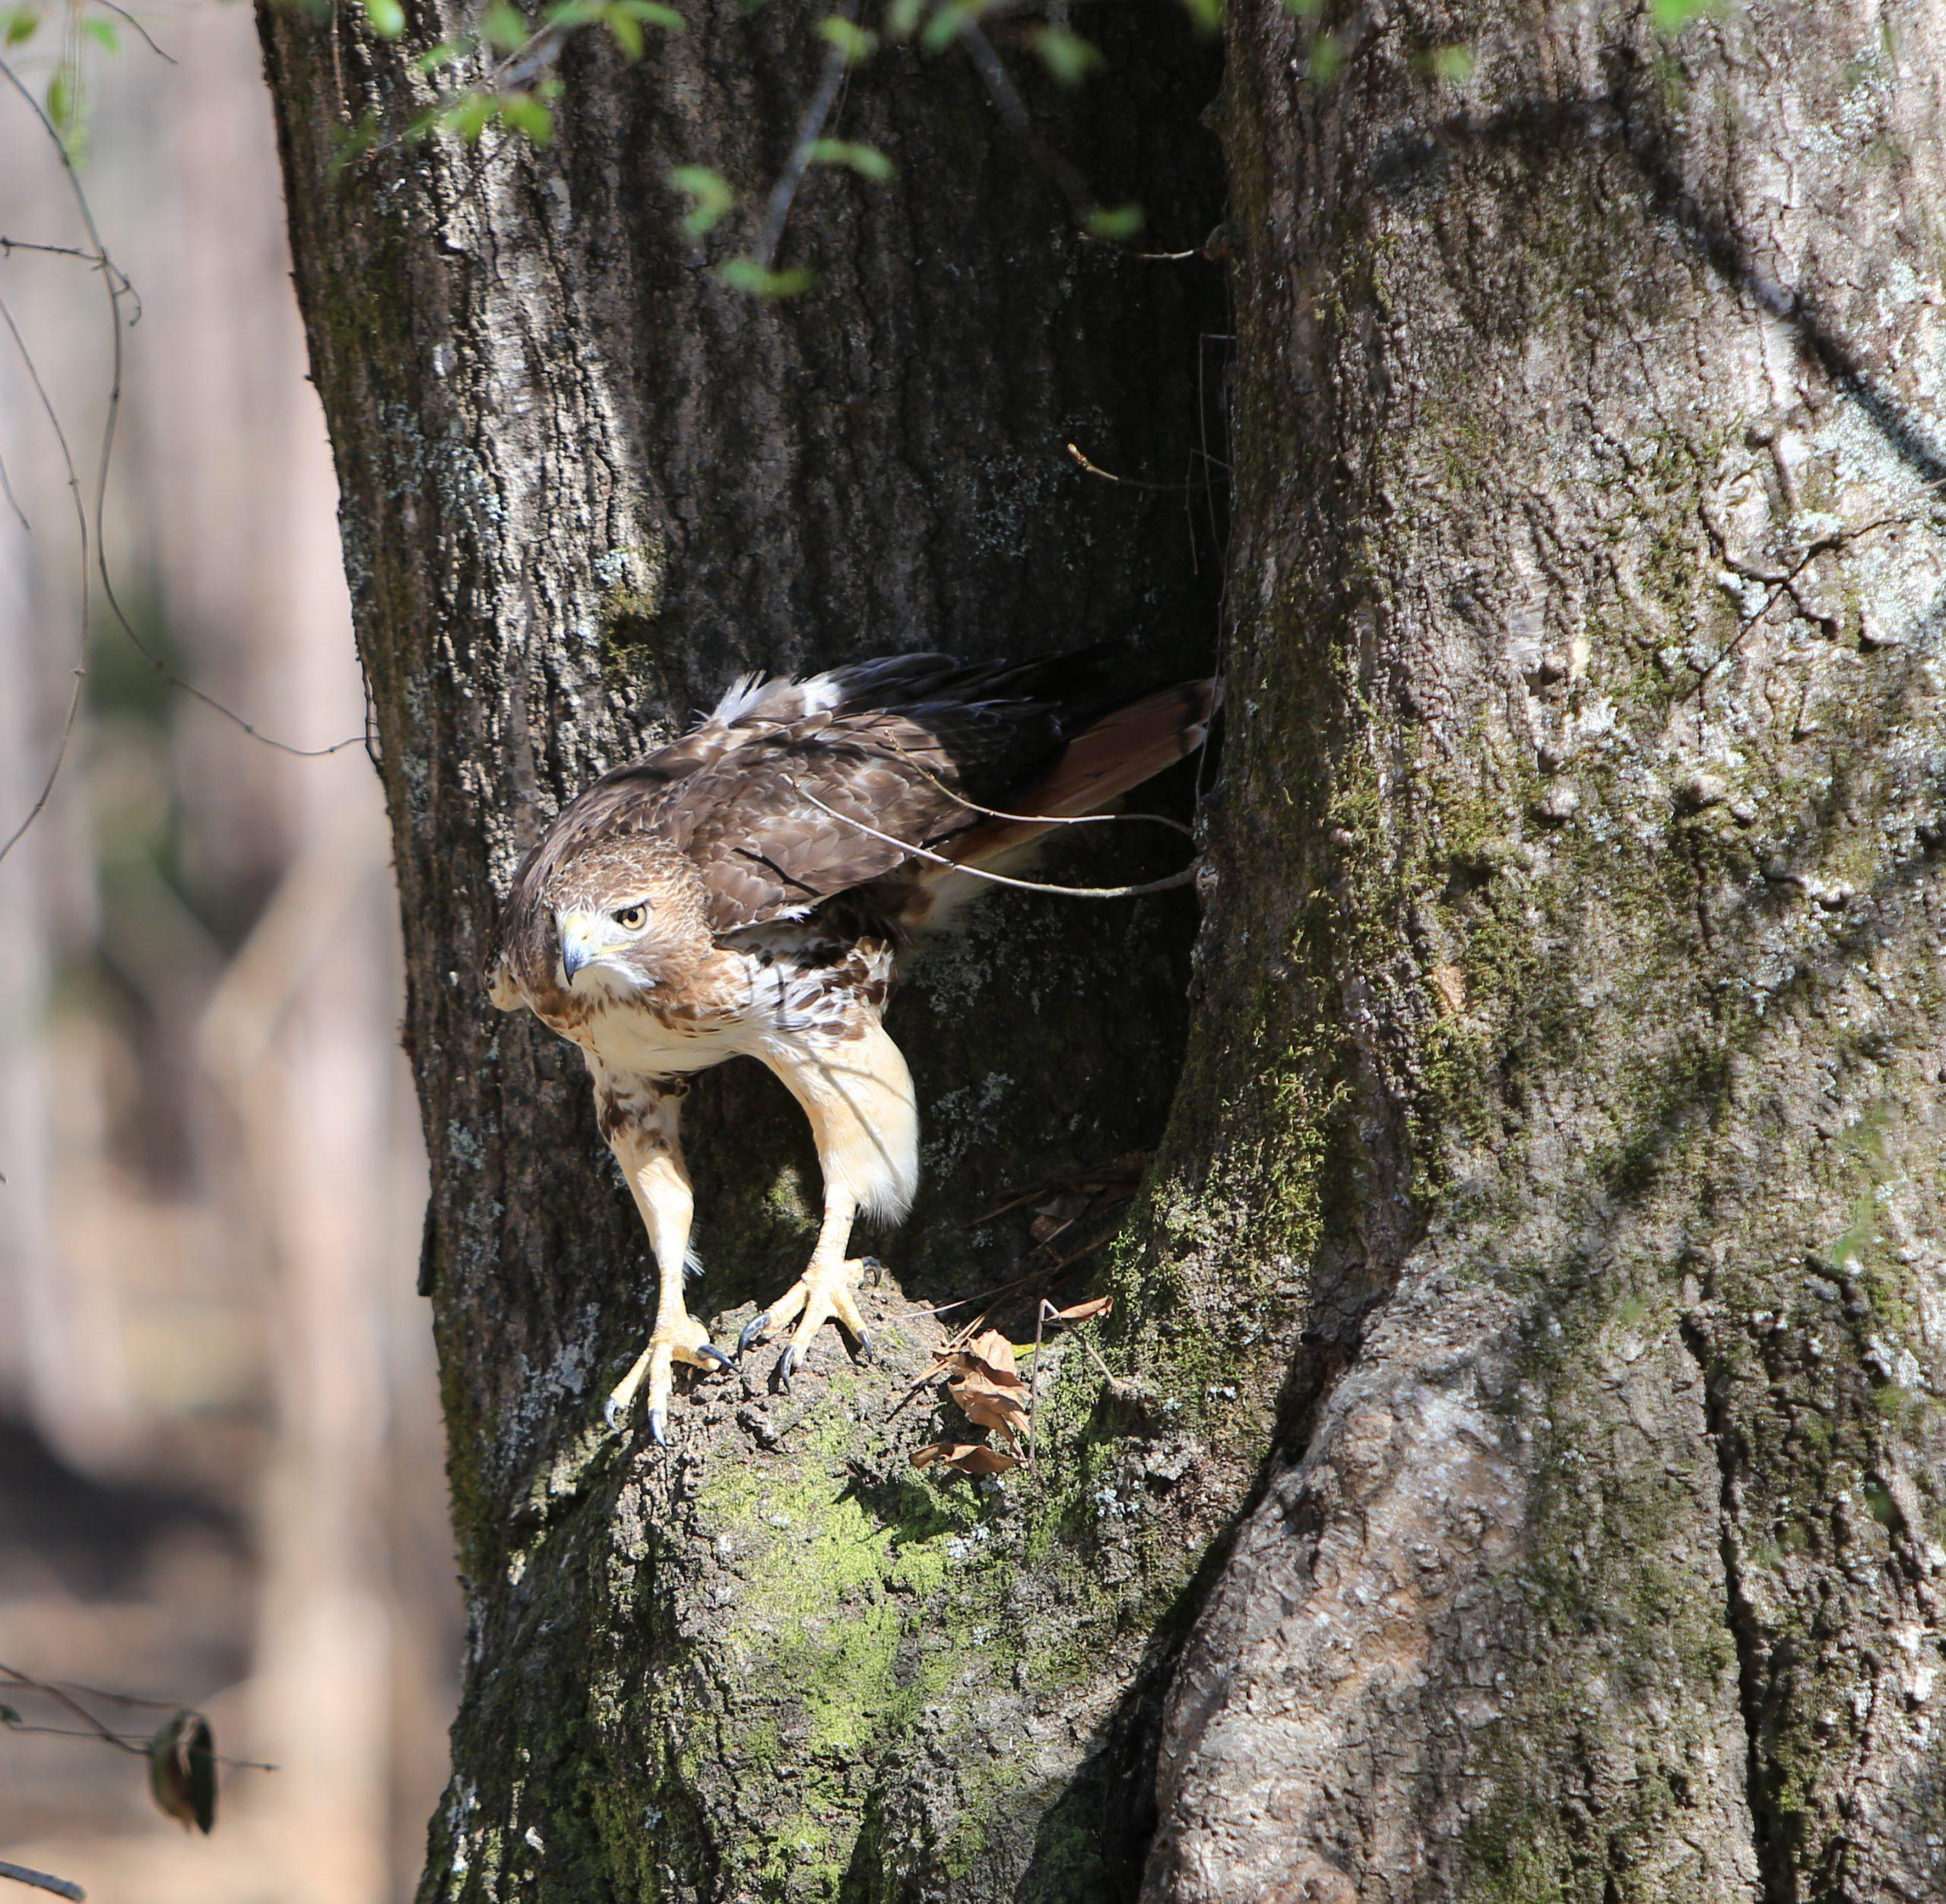 Hawk perched on tree